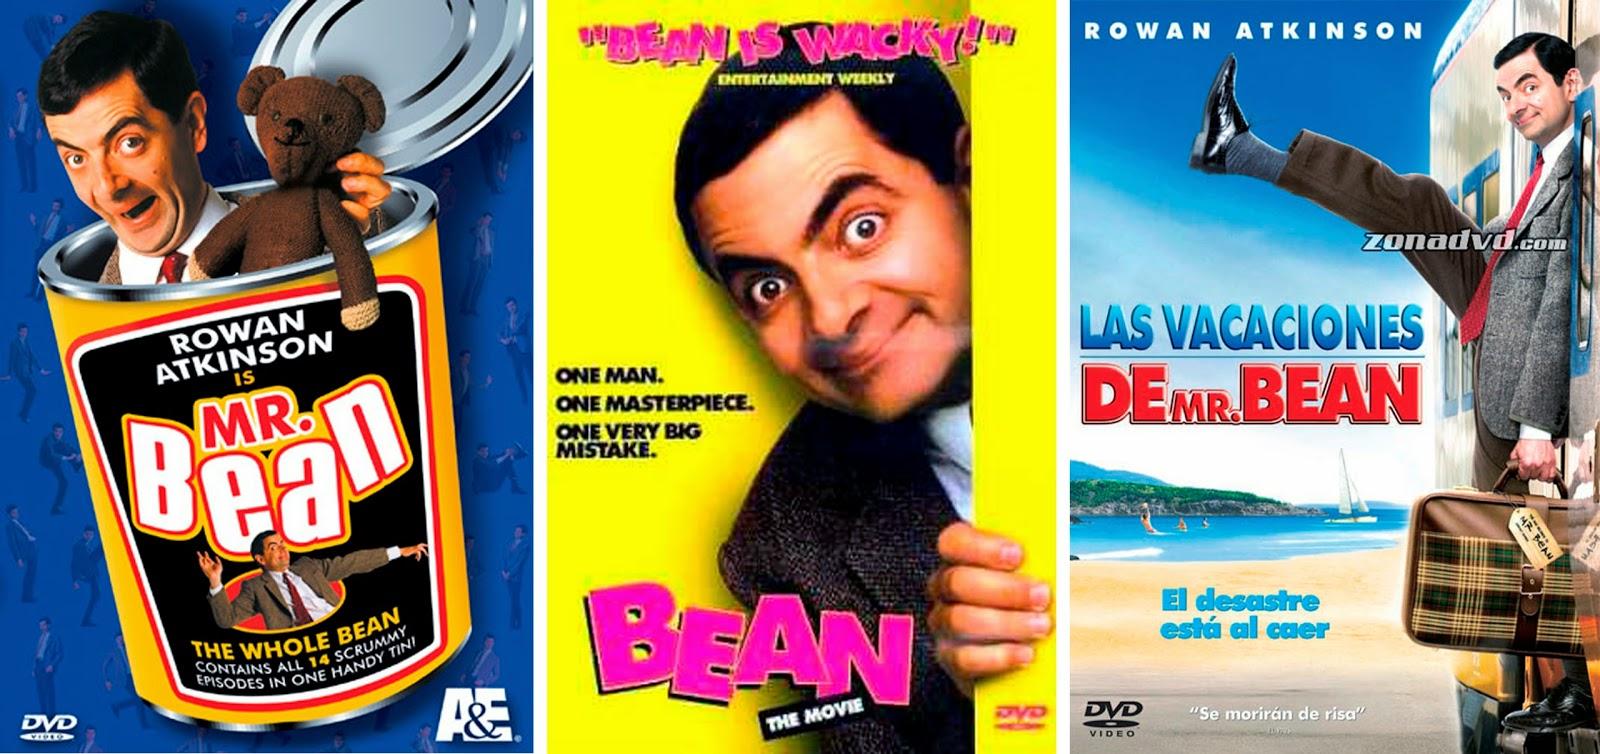 Rowan Atkinson, 'Lo último en cine catastrófico', 'Vacaciones de Mr. Bean'